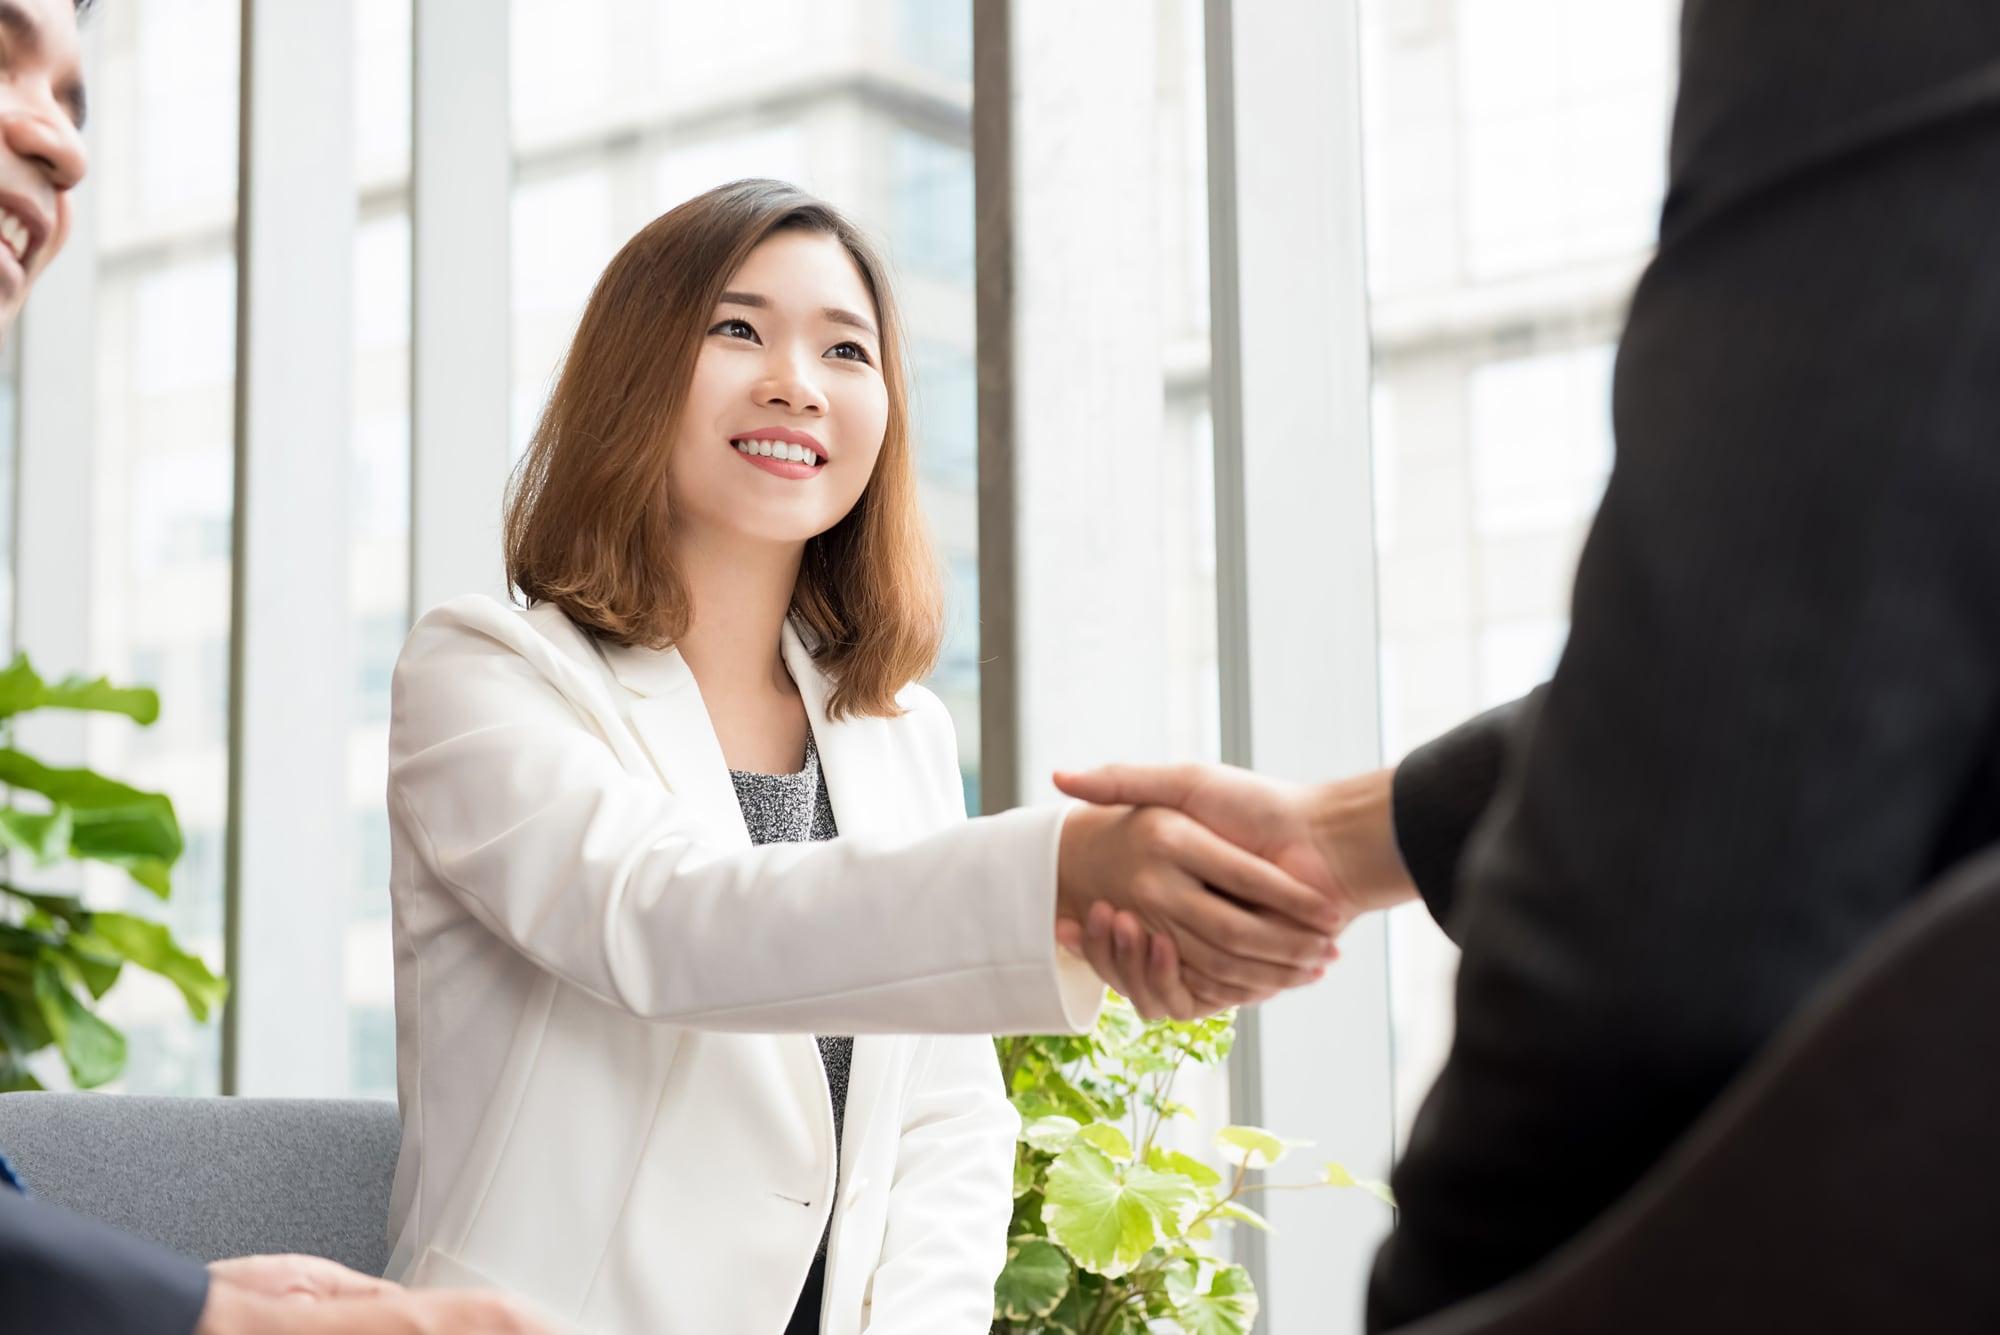 Bí quyết để biến phẩm chất hướng nội thành ưu thế khi networking